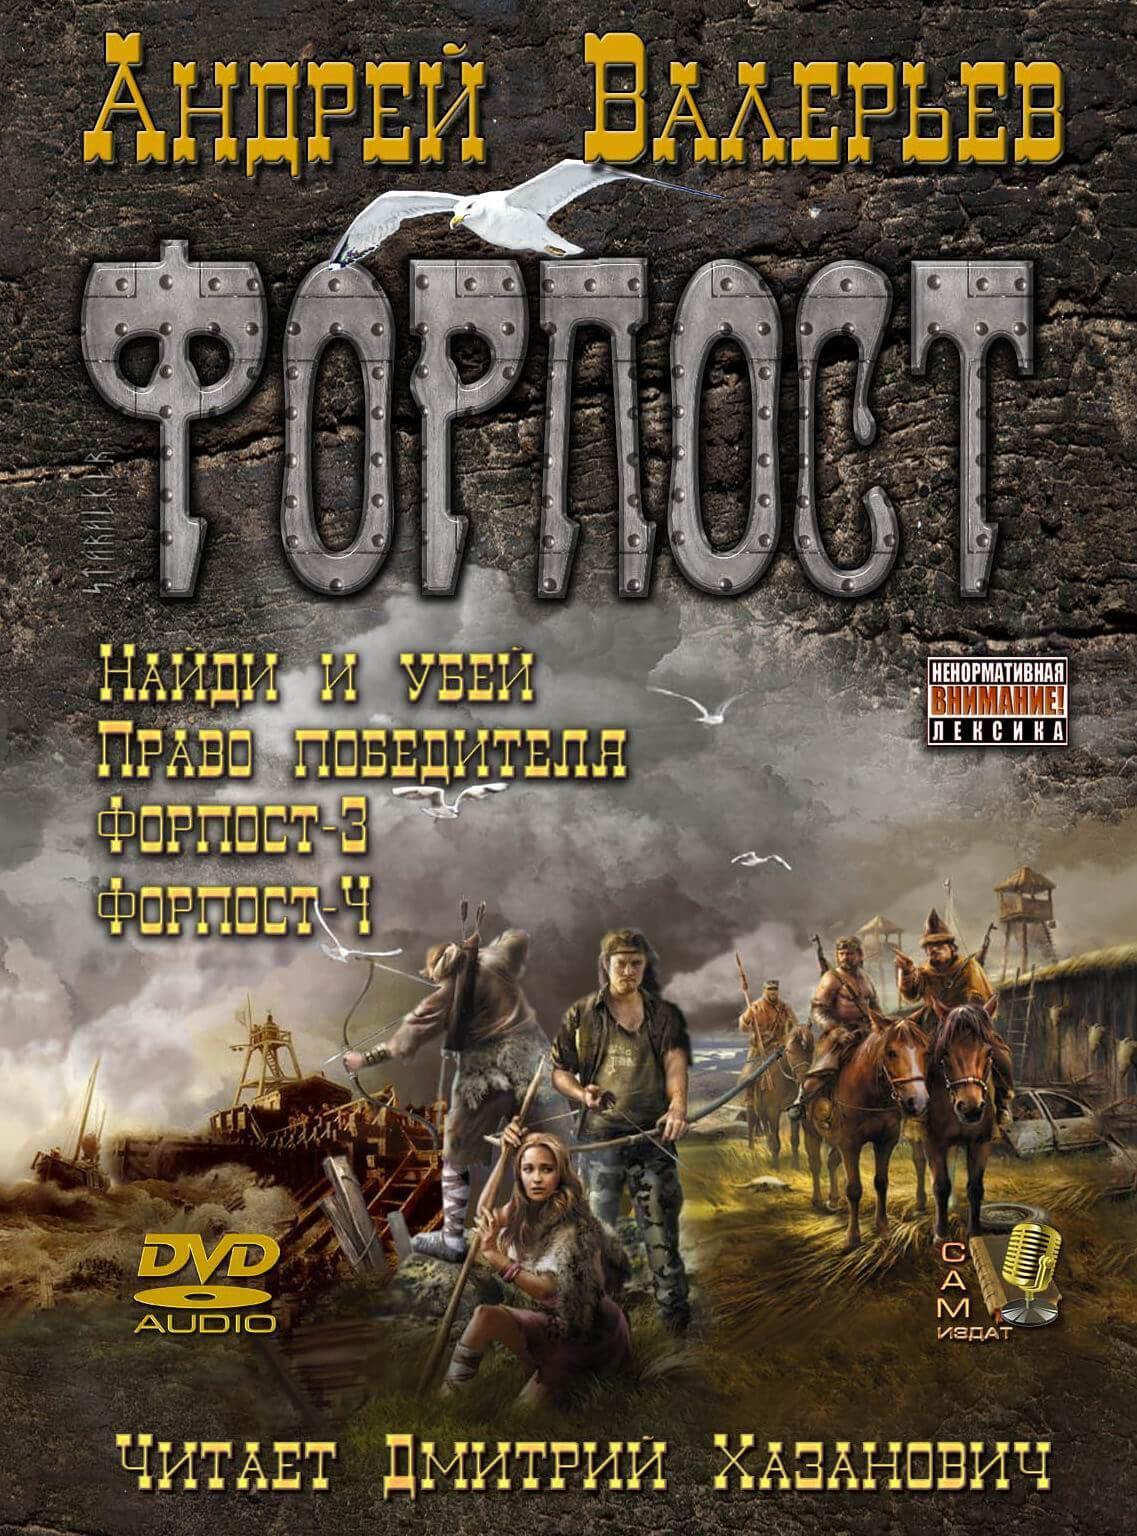 Аудиокнига Форпост 4